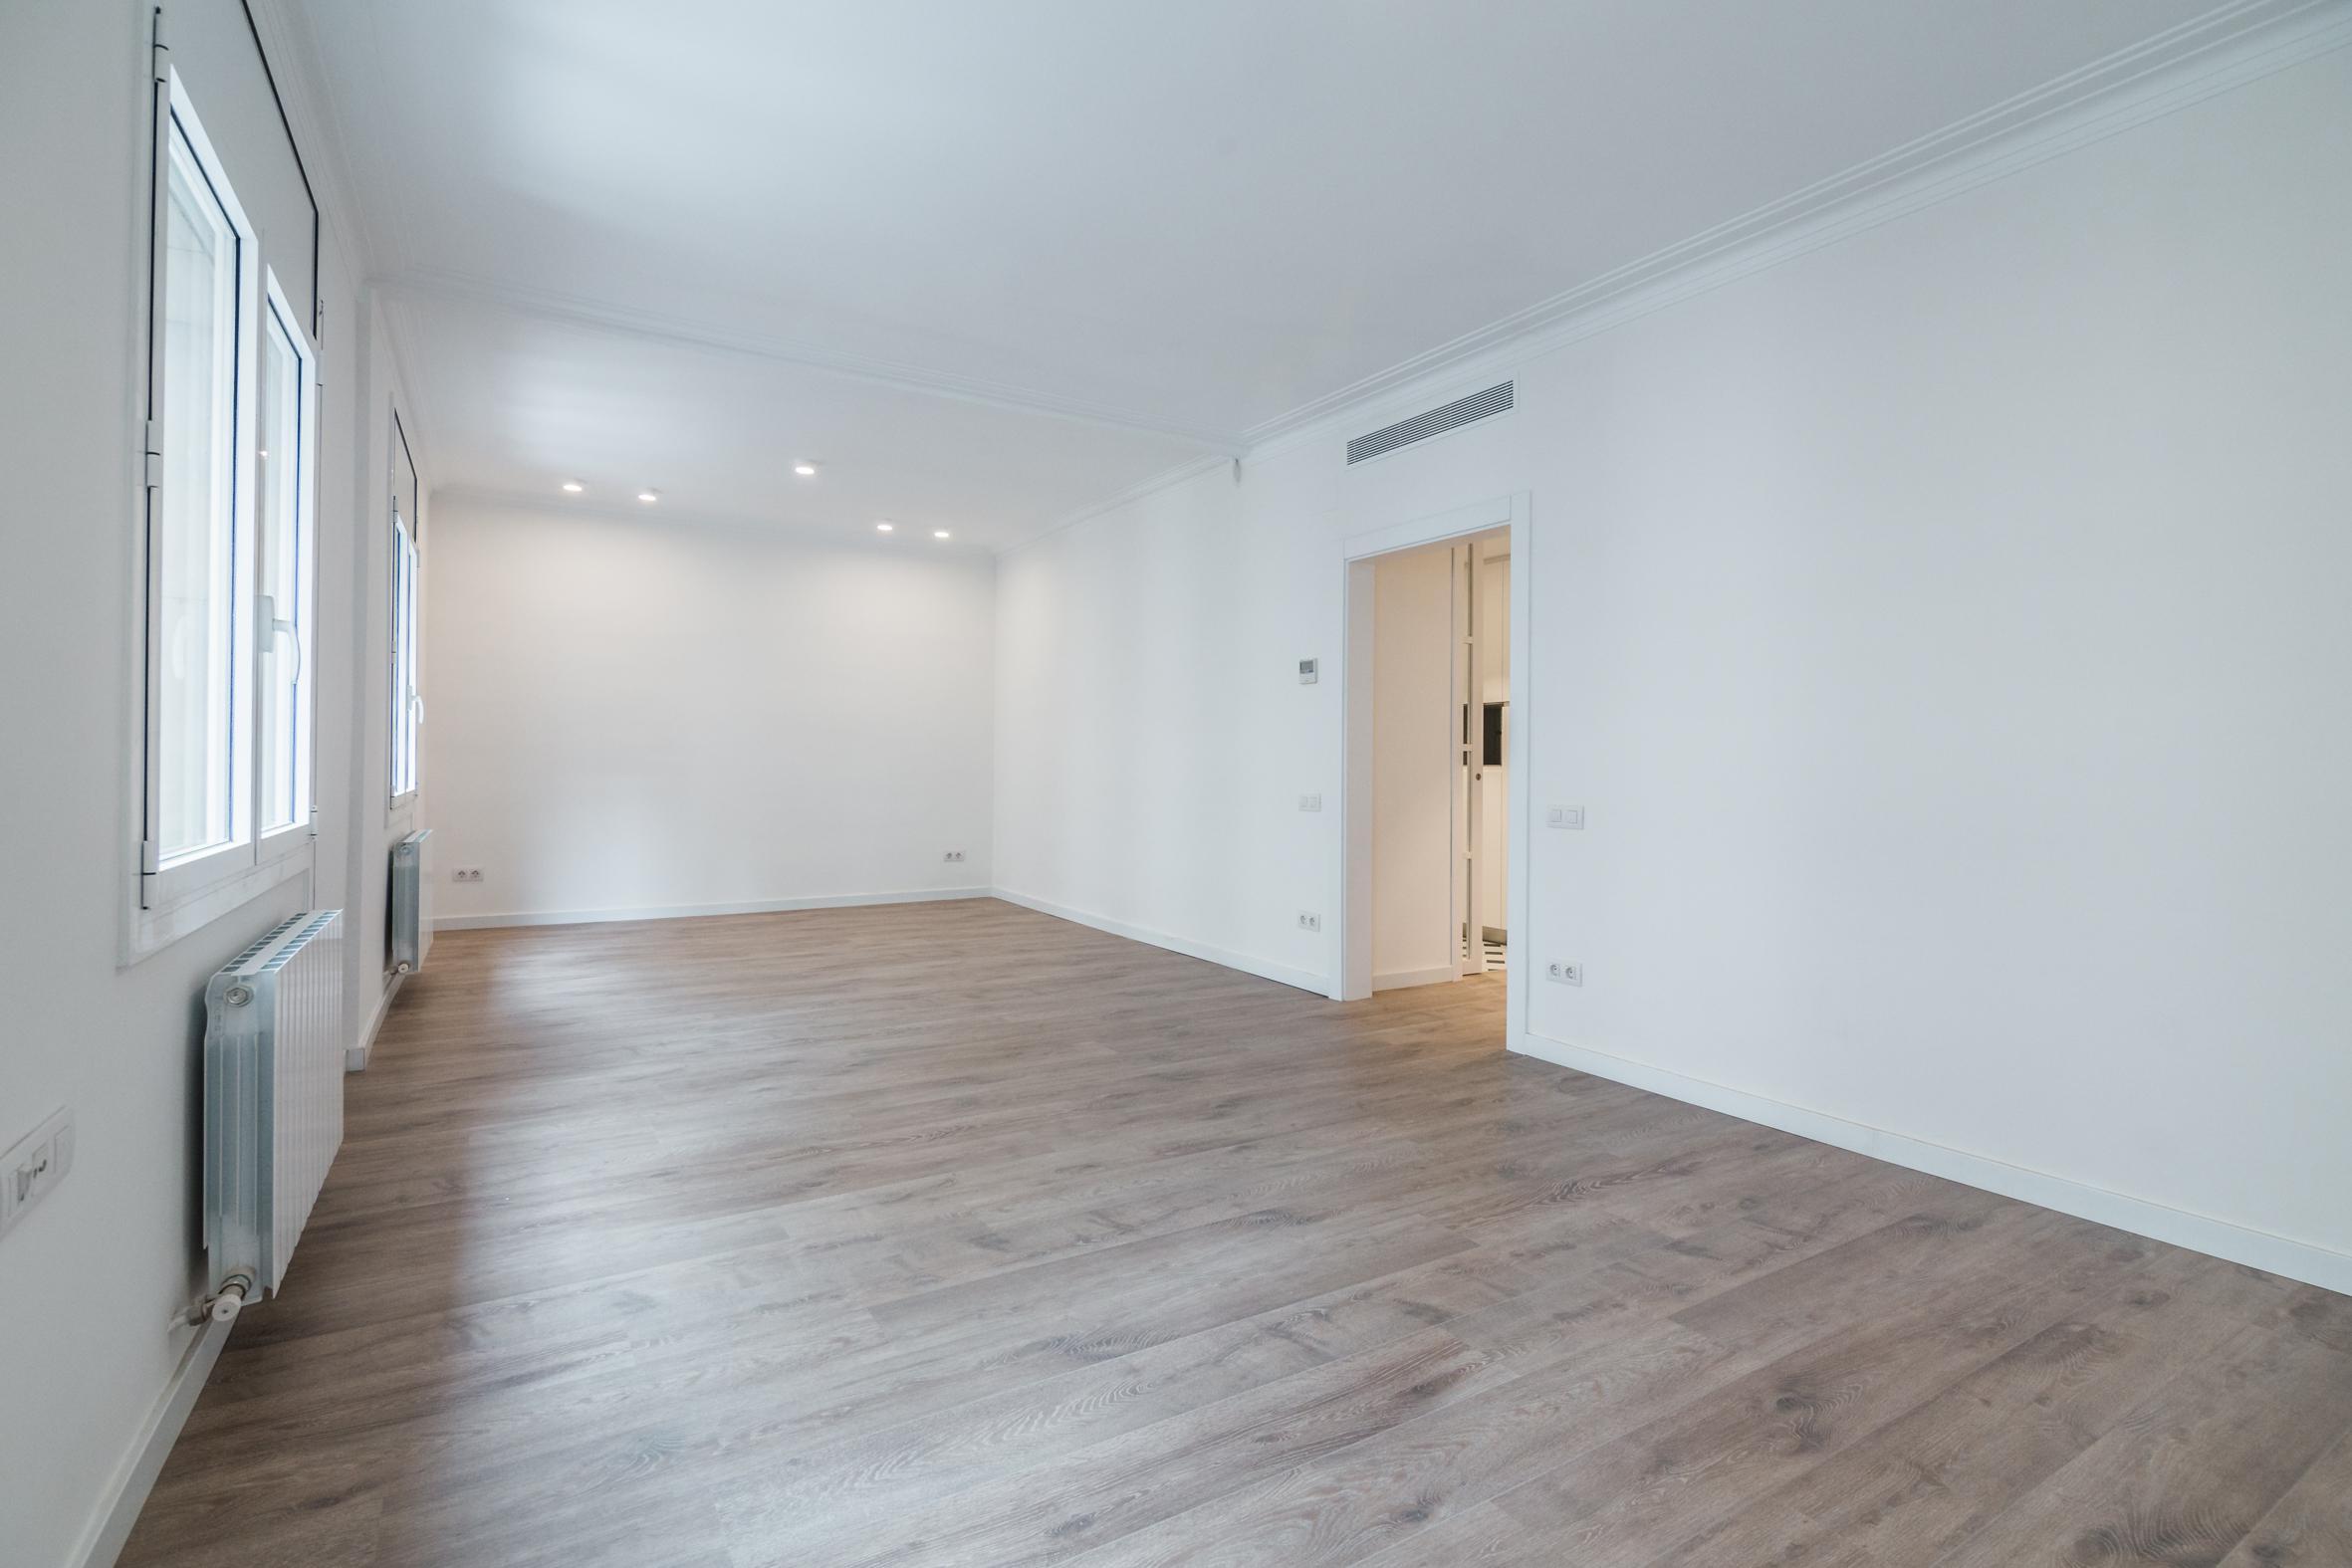 202959 Apartamento en venda en Sarrià-Sant Gervasi, St. Gervasi-Bonanova 7